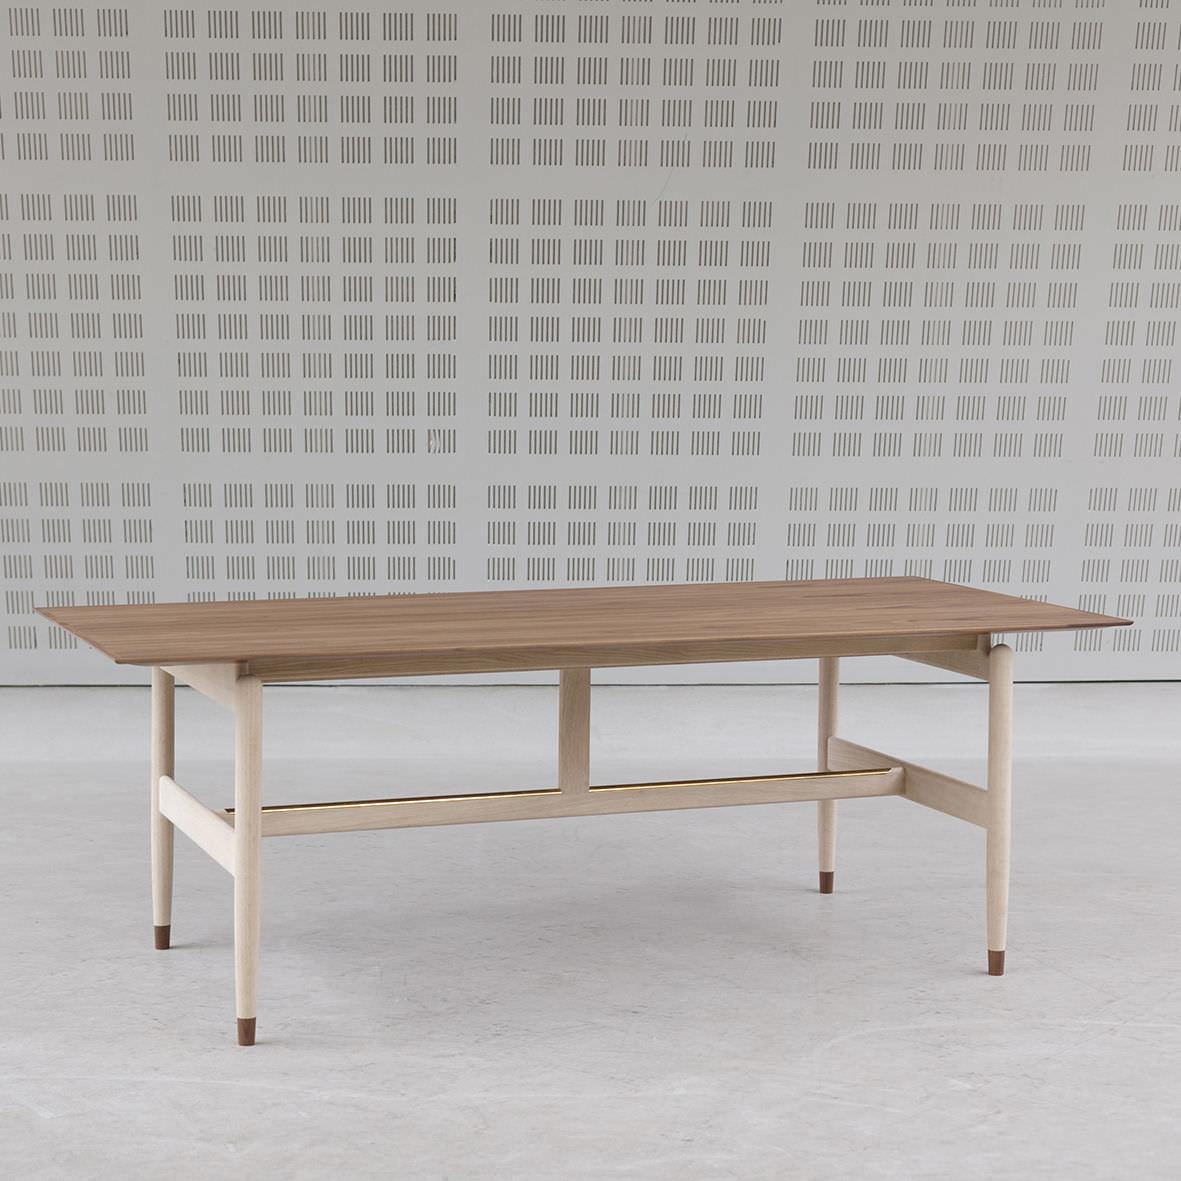 Super Oak Desk Walnut Scandinavian Design By Finn Juhl Pabps2019 Chair Design Images Pabps2019Com